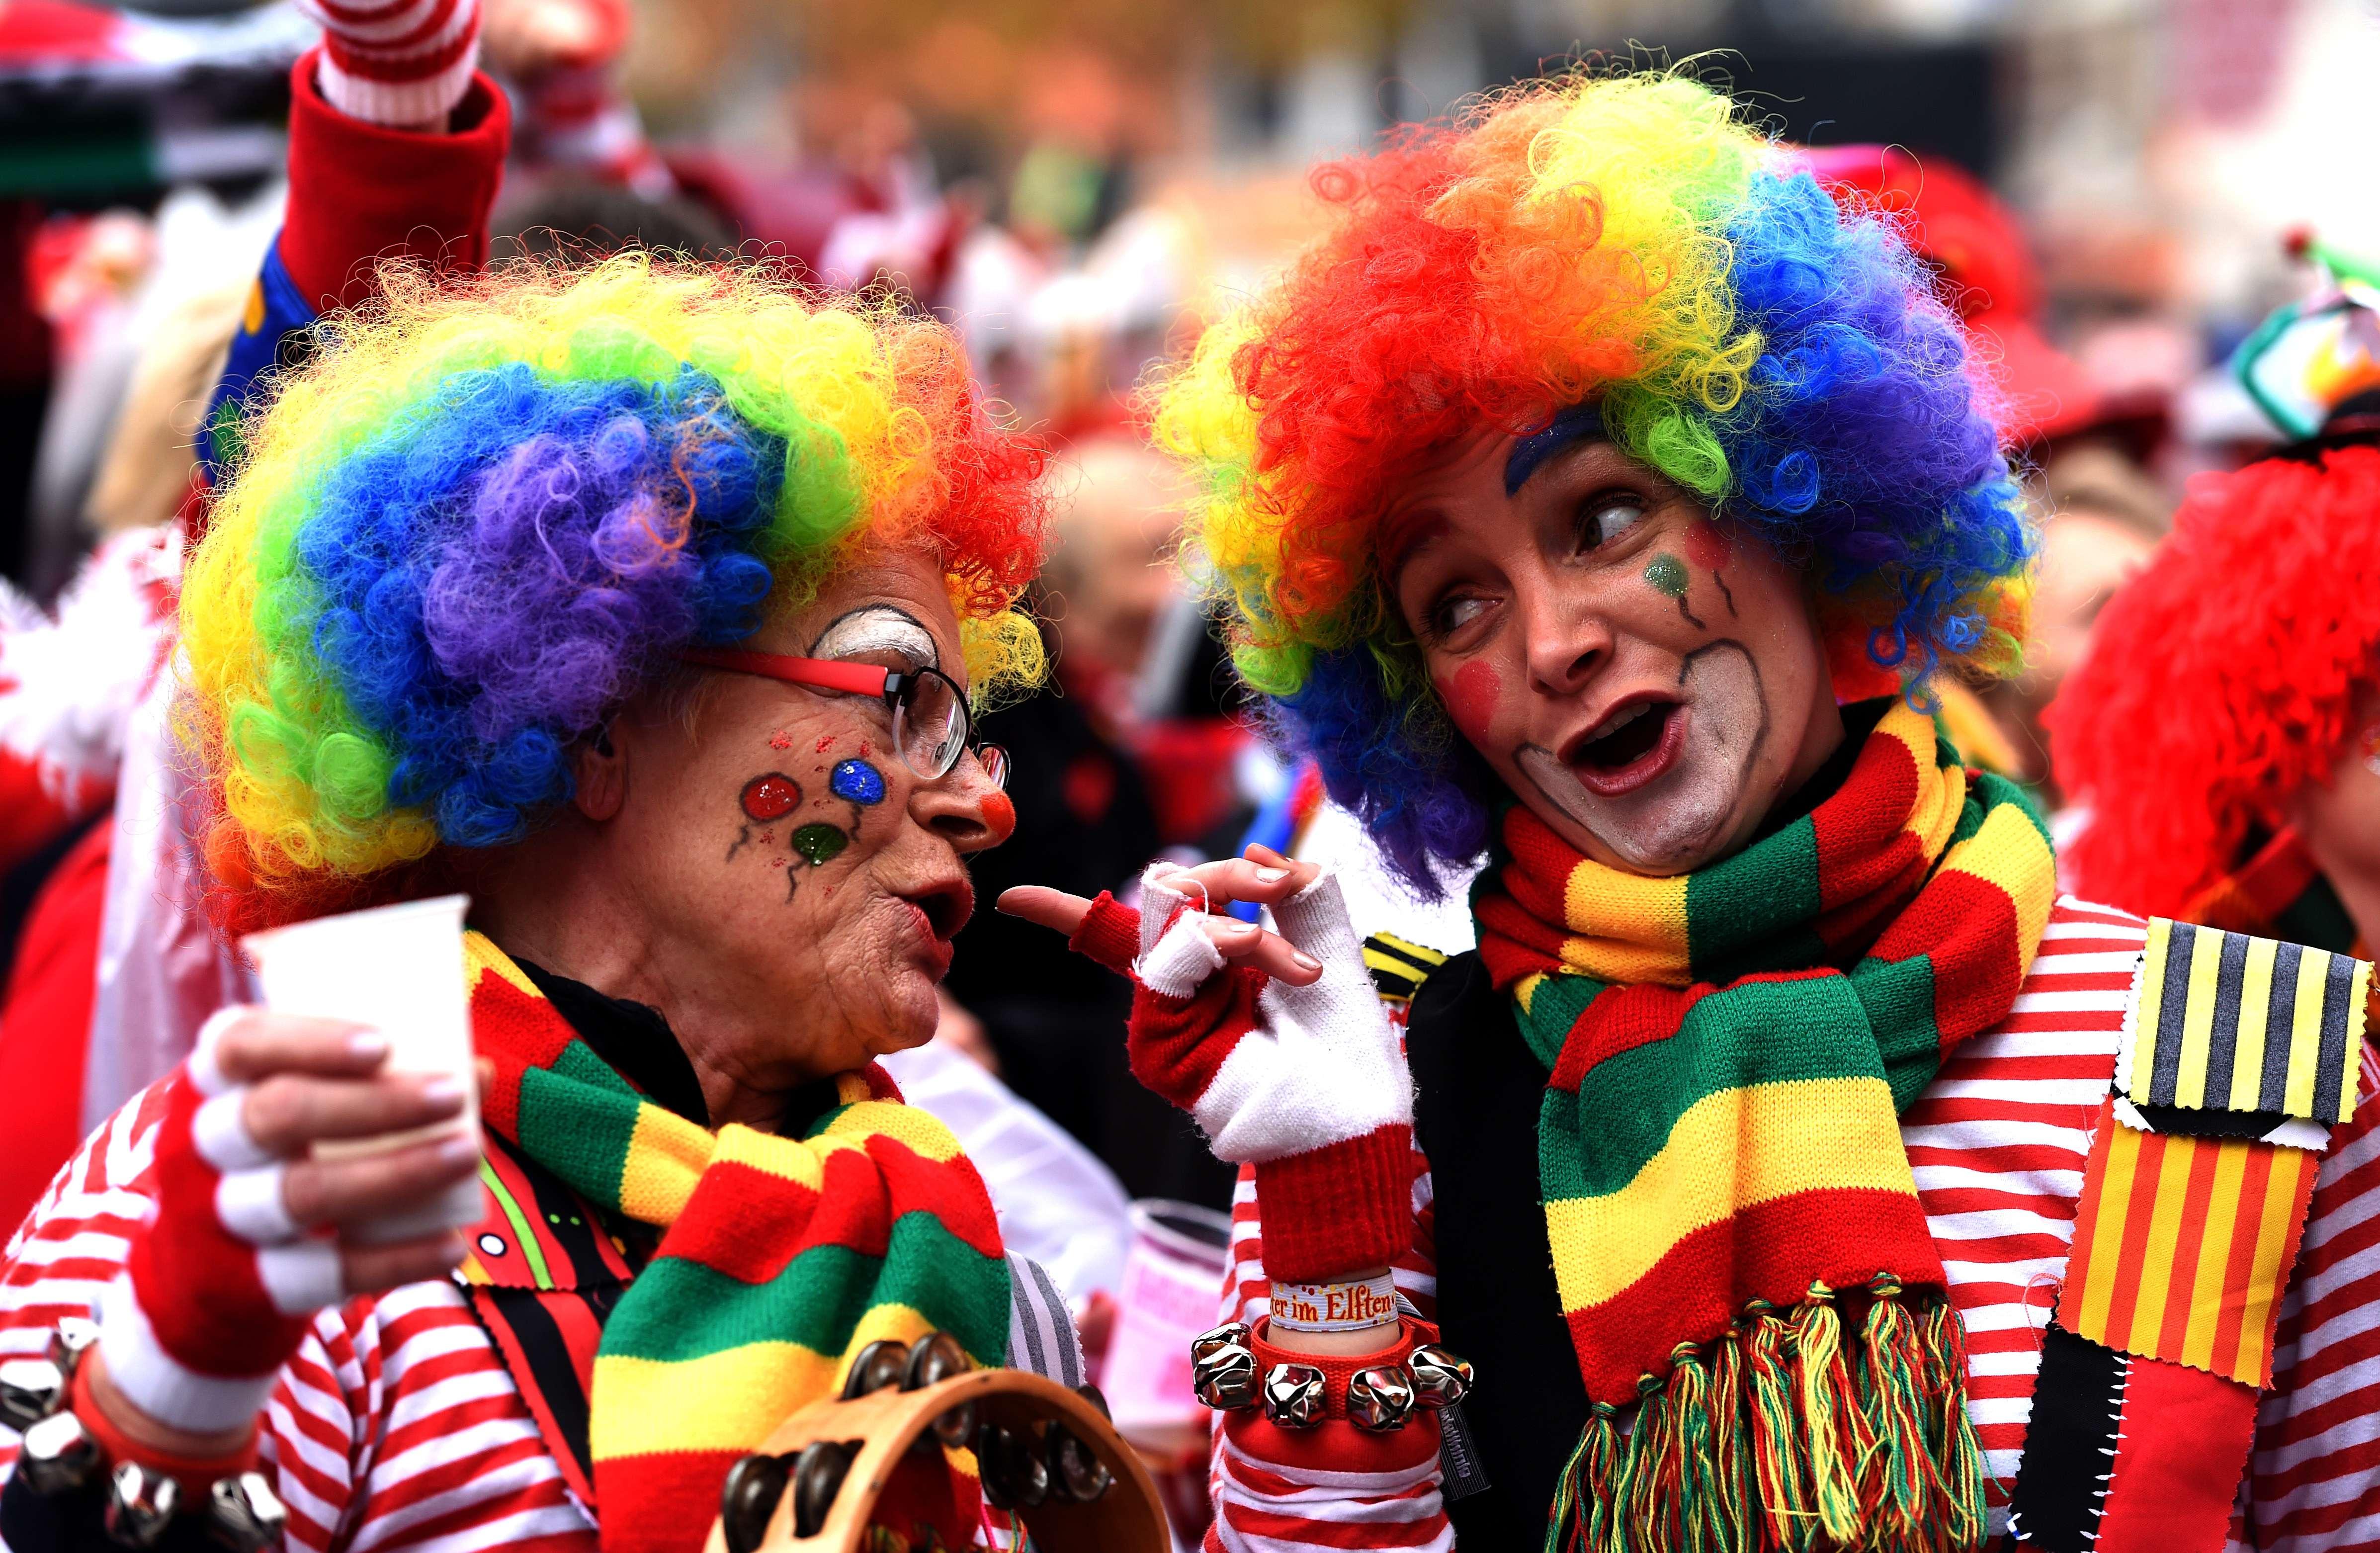 مدن غرب ألمانيا تشهد احتفالات الموسم الكرنفالي وسط اجراءات امنية مشددة